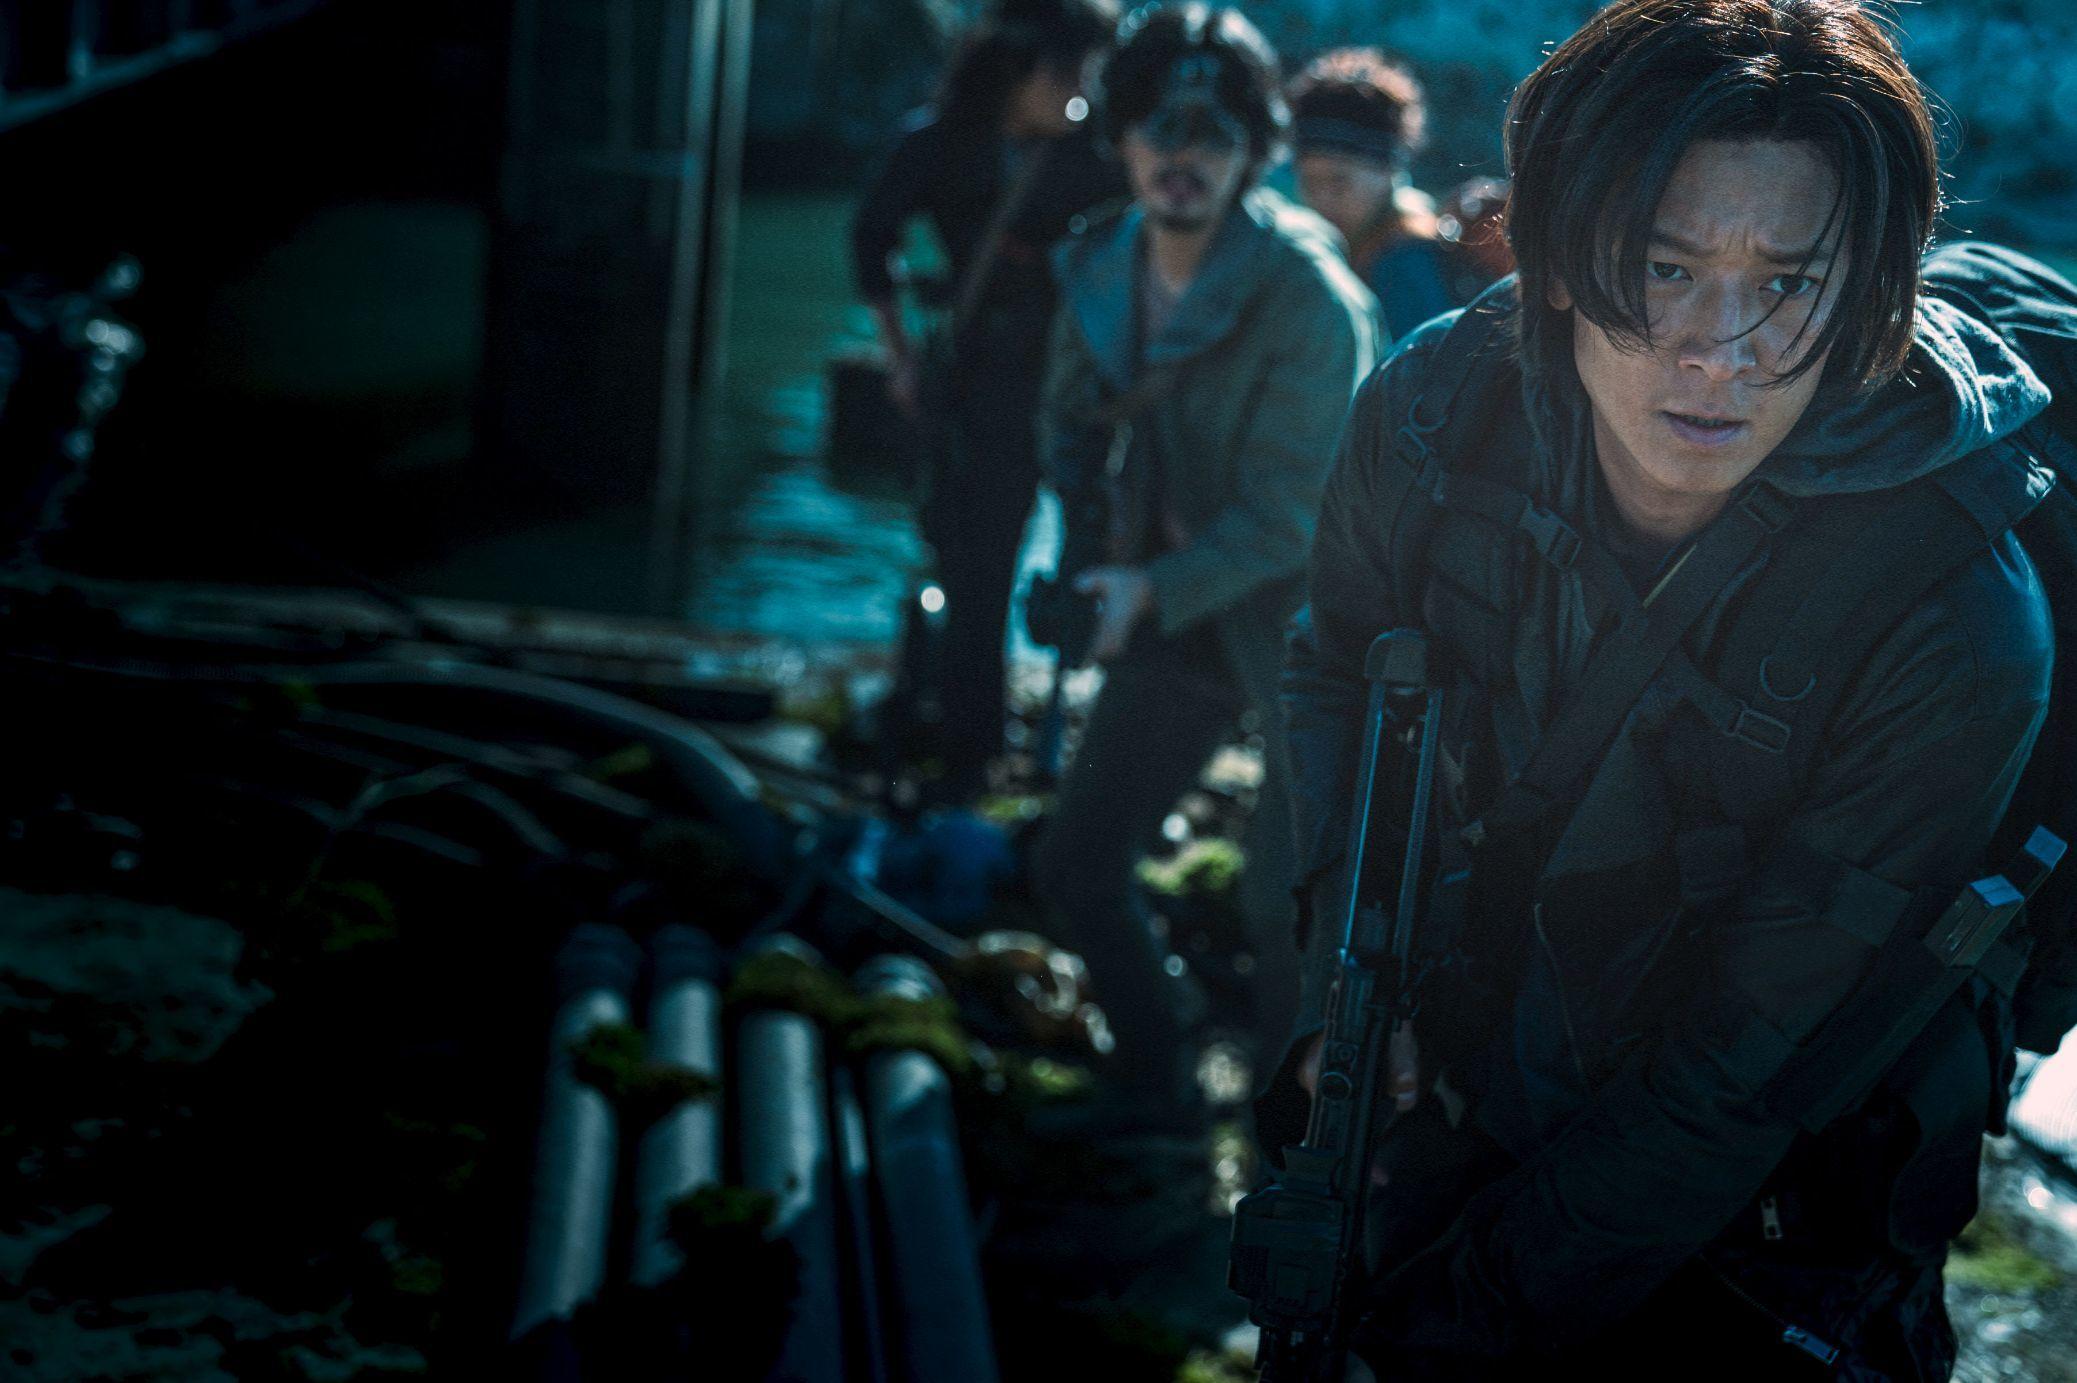 映画『PENINSULA(原題)』 (C)2020 NEXT ENTERTAINMENT WORLD & REDPETER FILMS.All Rights Reserved.